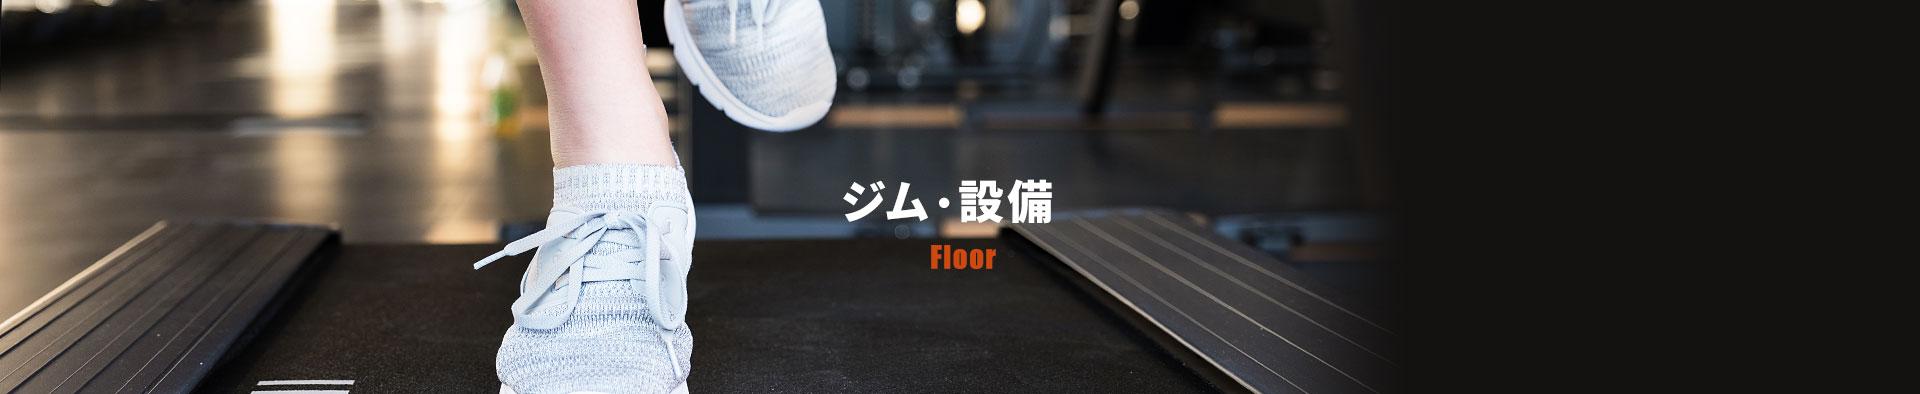 Floor ジム・設備